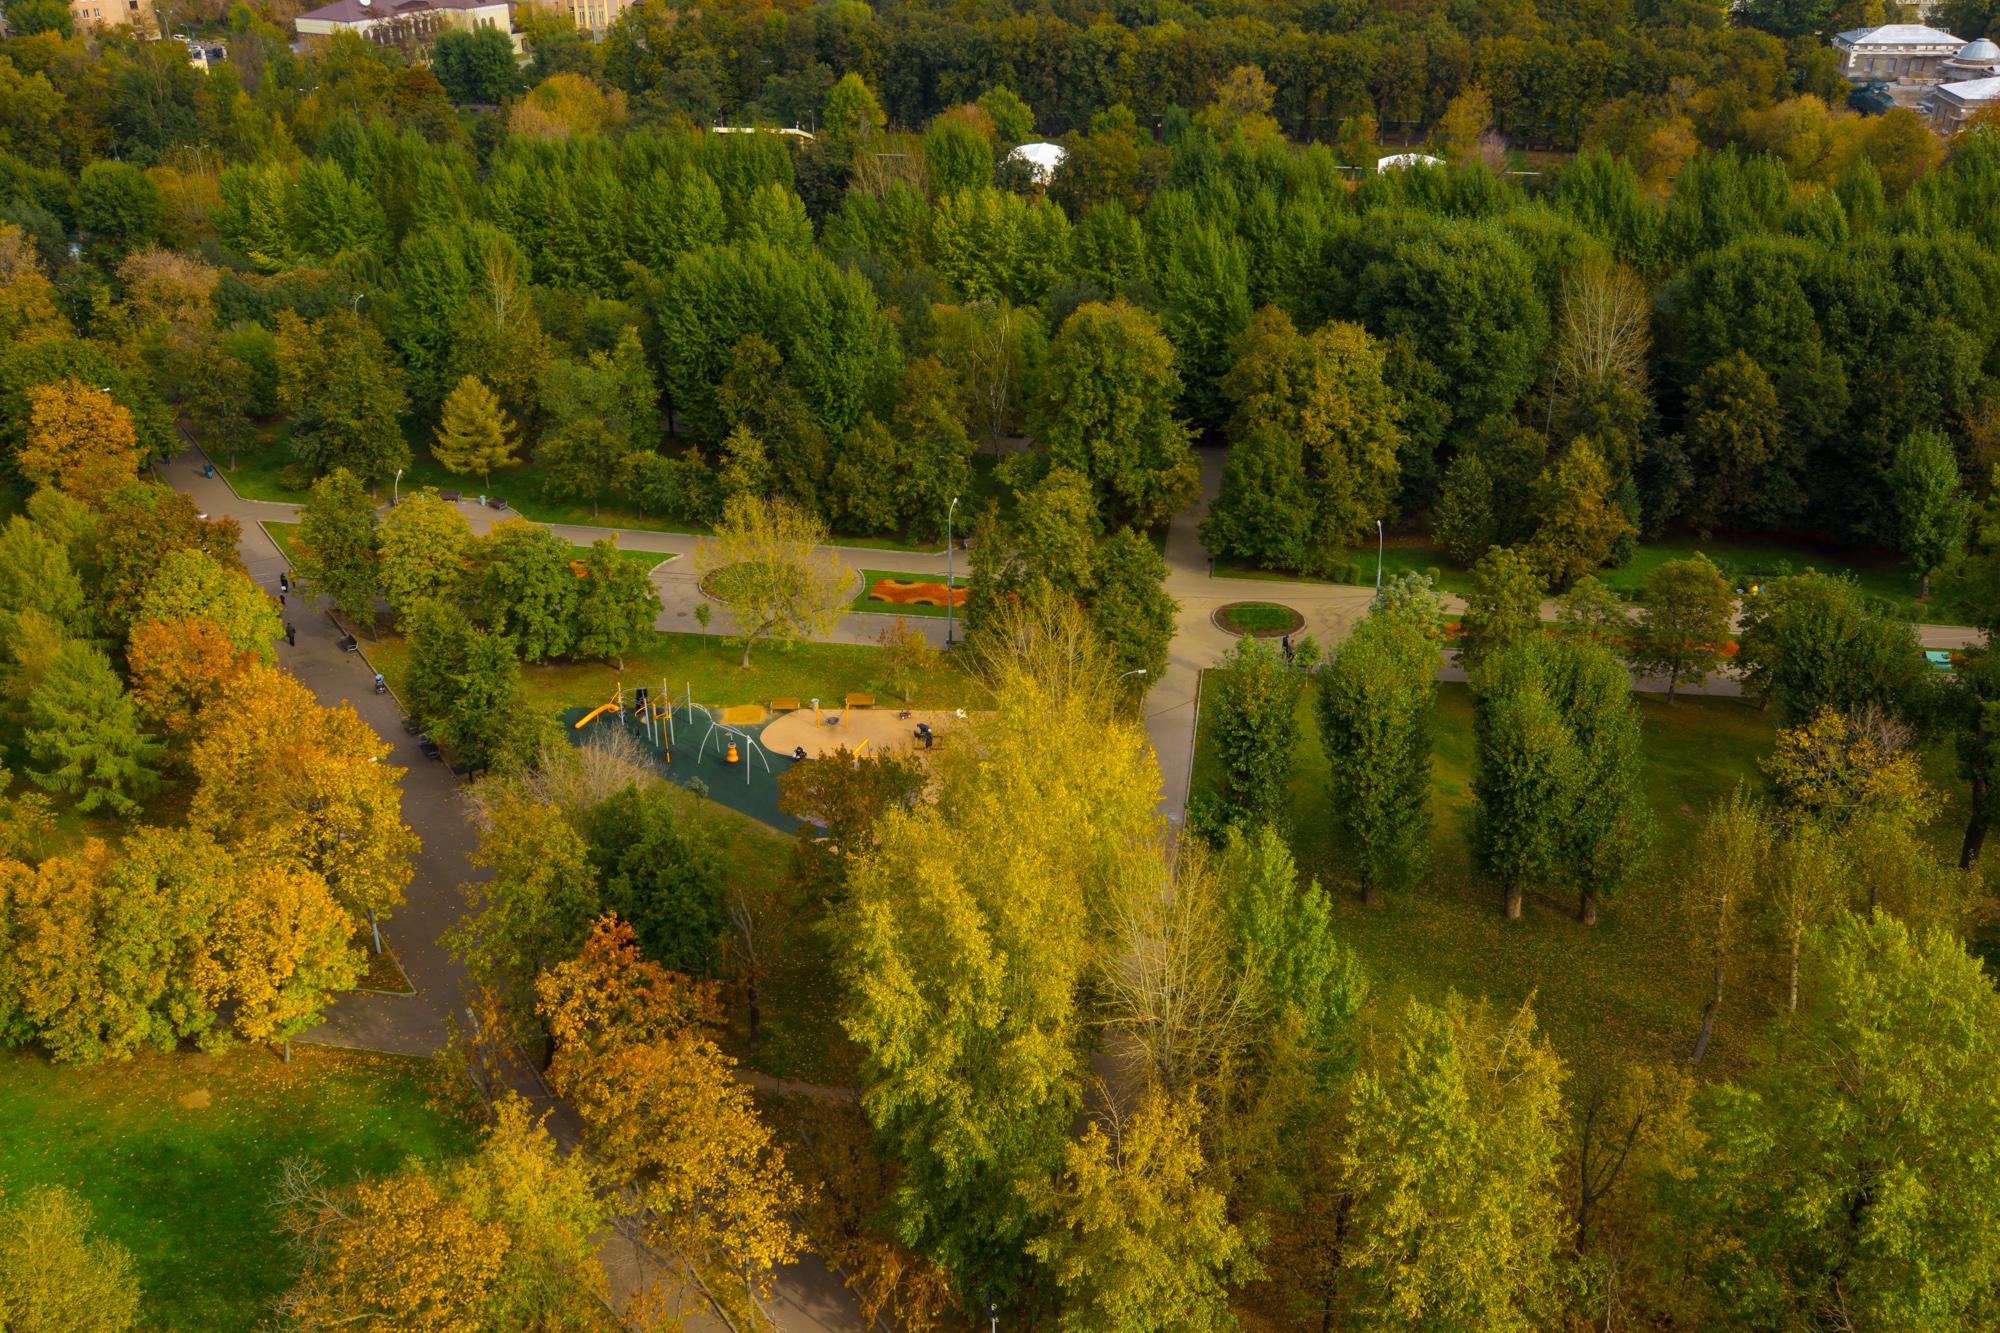 Autumn Park top